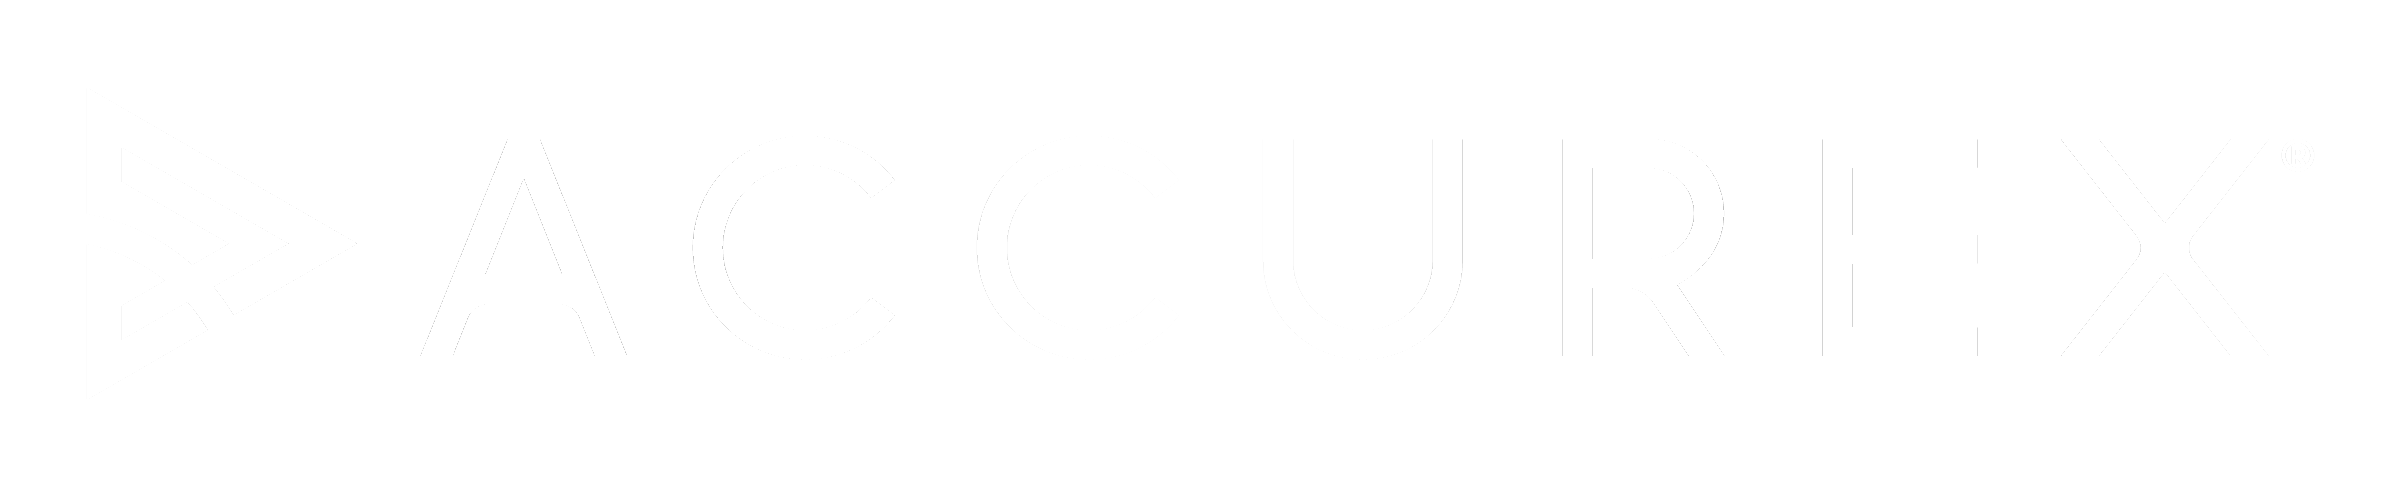 Accurex Footer Logo White